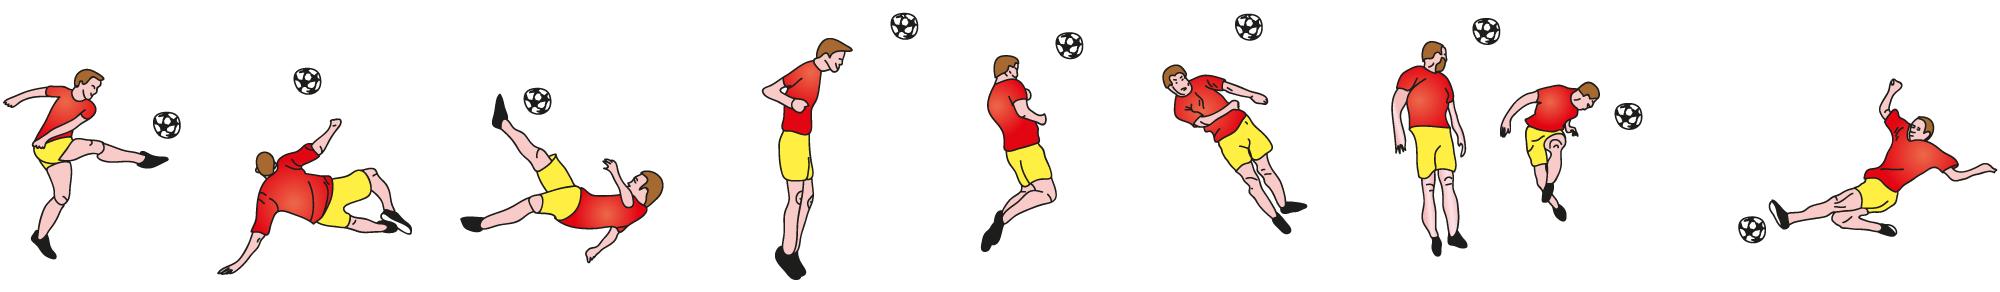 Illustration d'une équipe de joueurs de foot